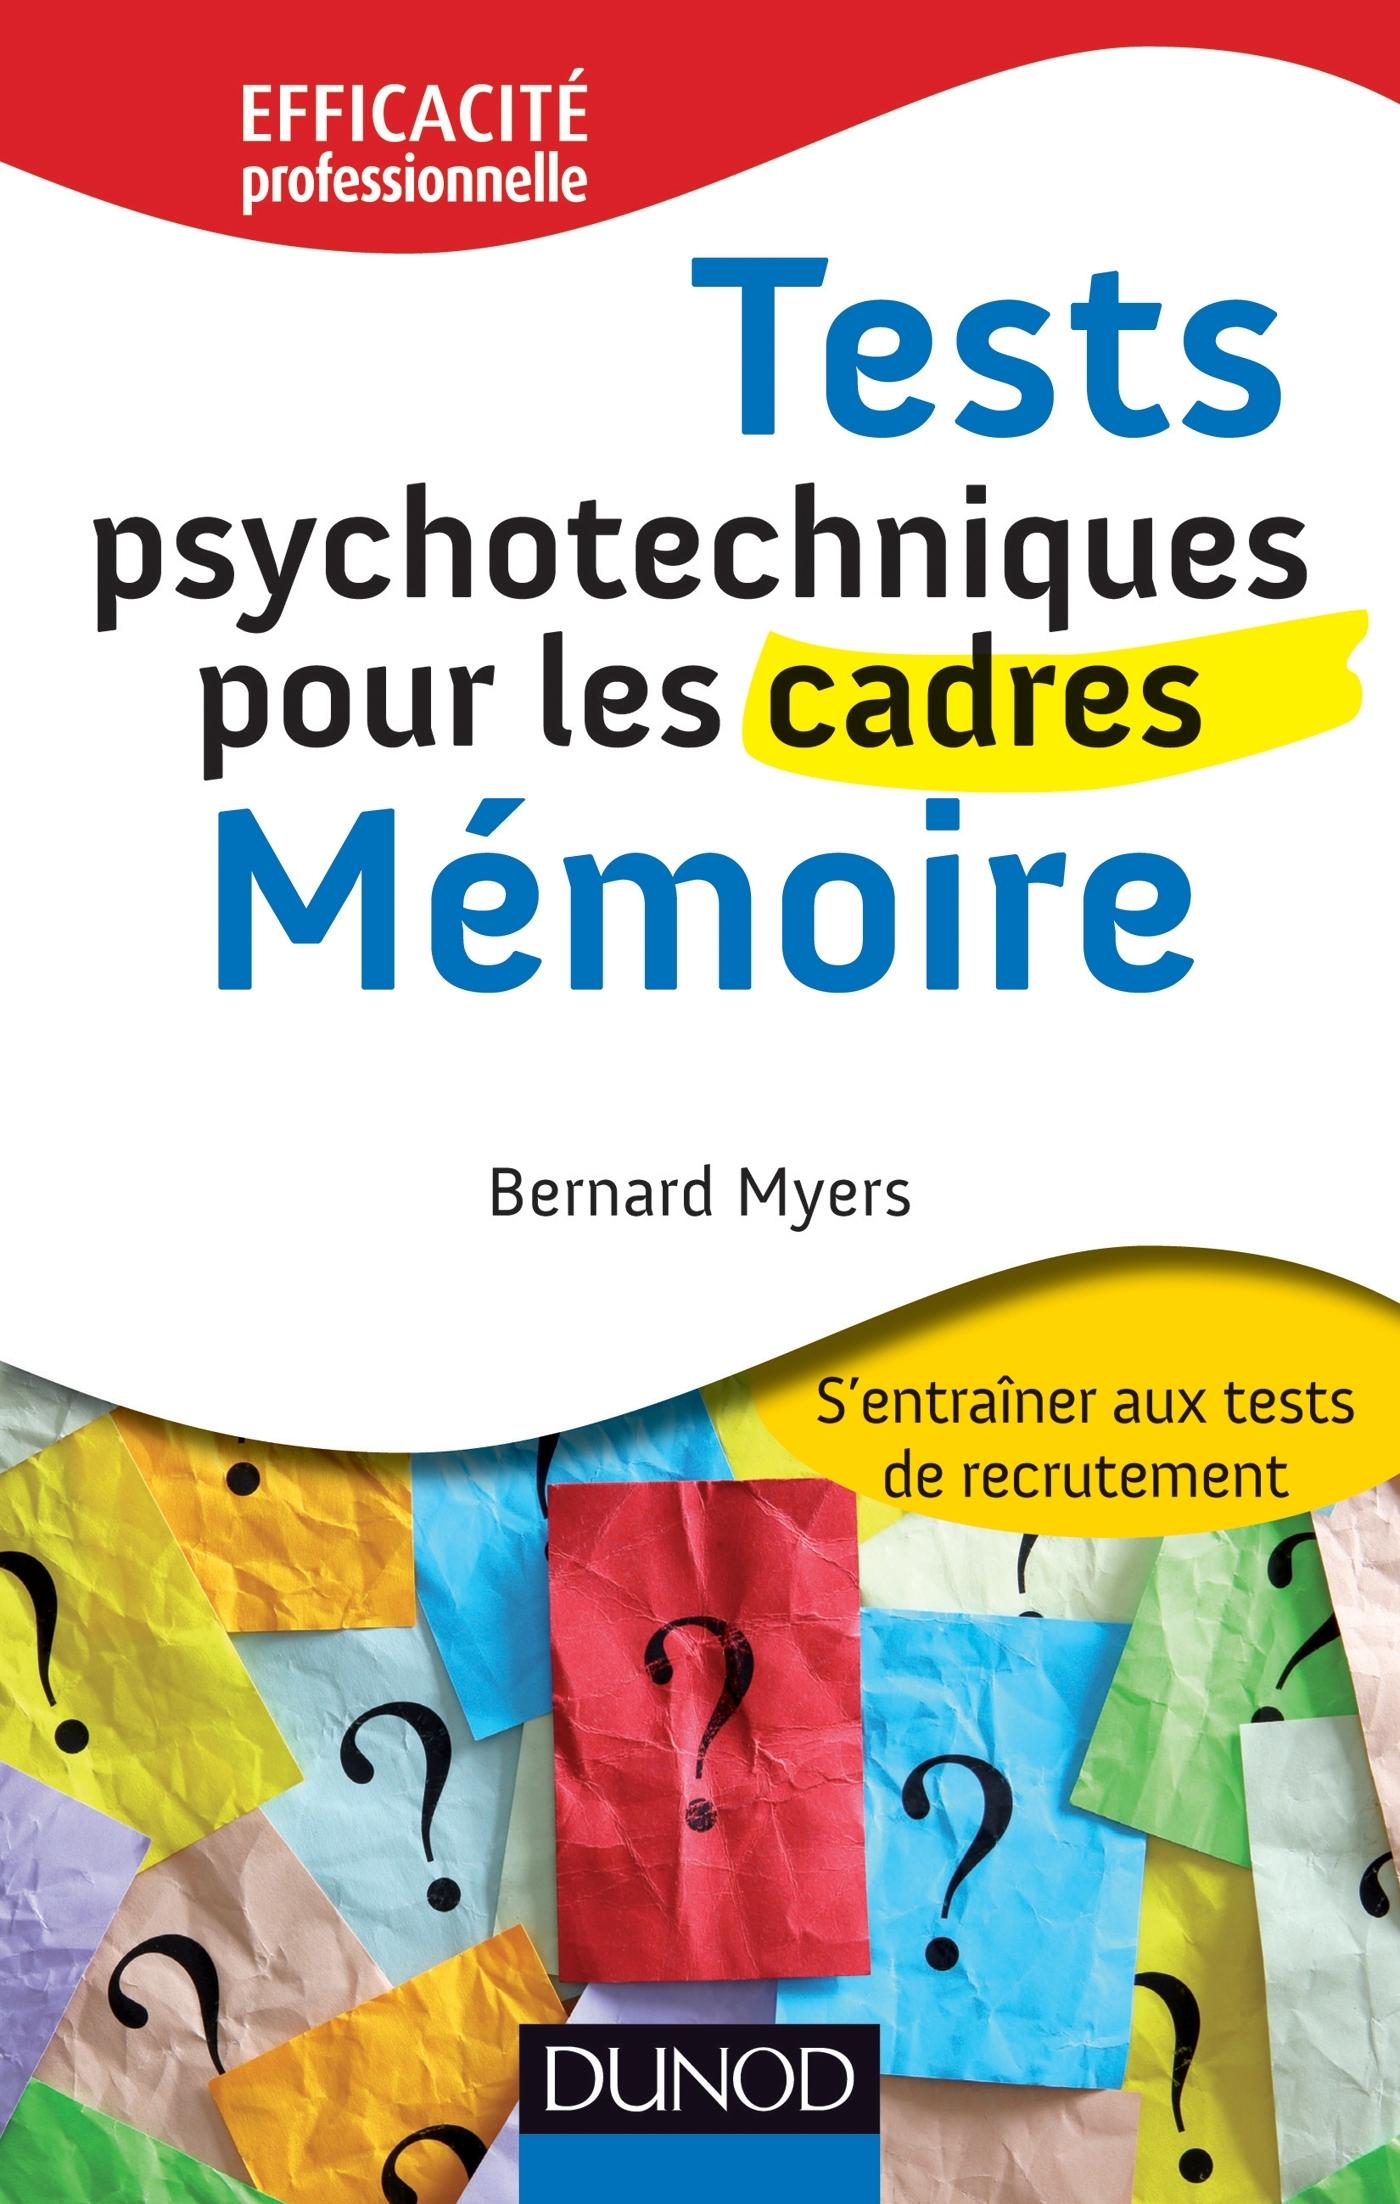 TESTS PSYCHOTECHNIQUES POUR LES CADRES : MEMOIRE